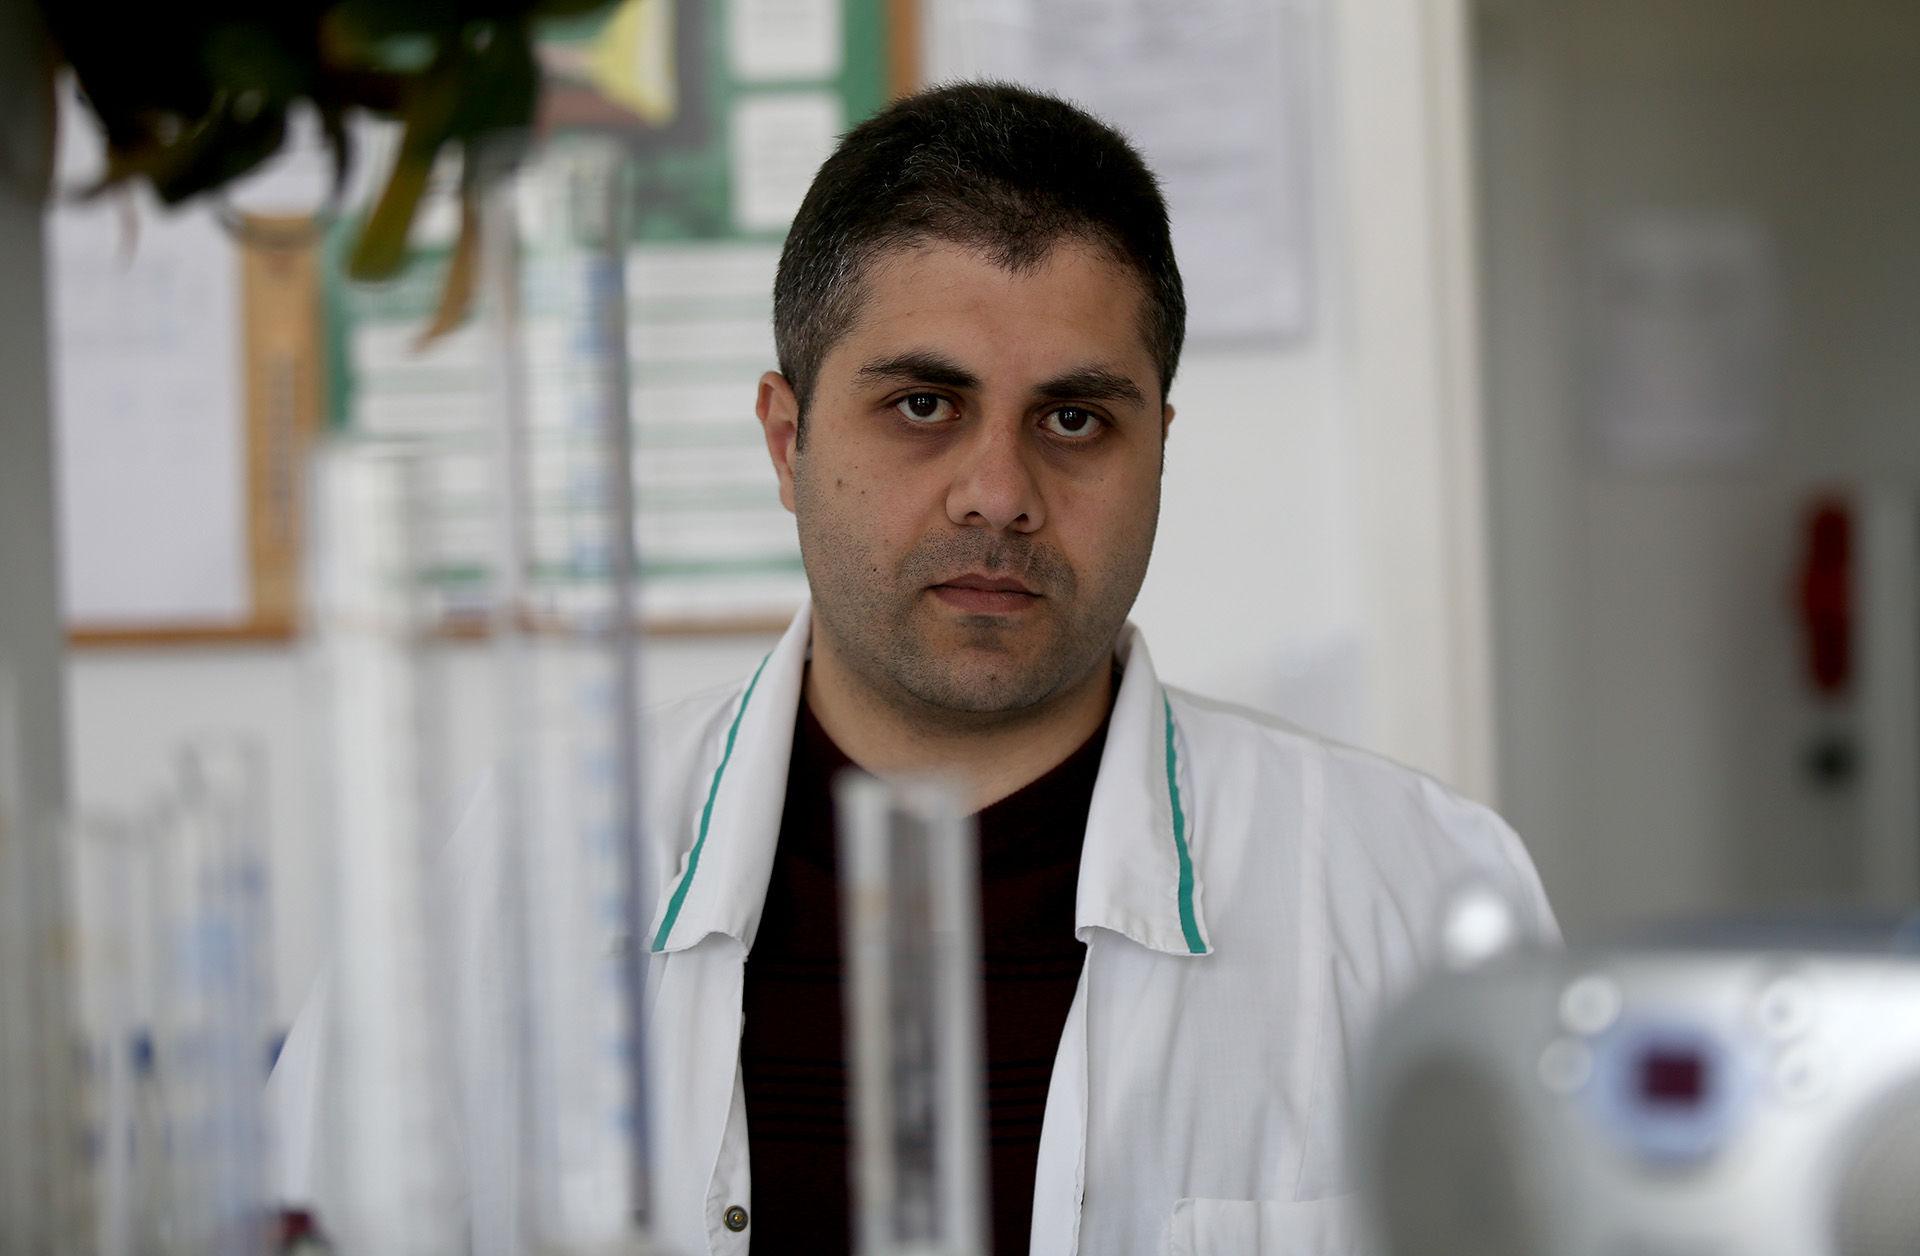 Su šeima Kėdainių rajone apsistojęs Mohammad Almogdad Sirijos Damasko universitete studijavo žemės ūkio inžineriją bei augalų apsaugą. / Algimanto Barzdžiaus nuotr.